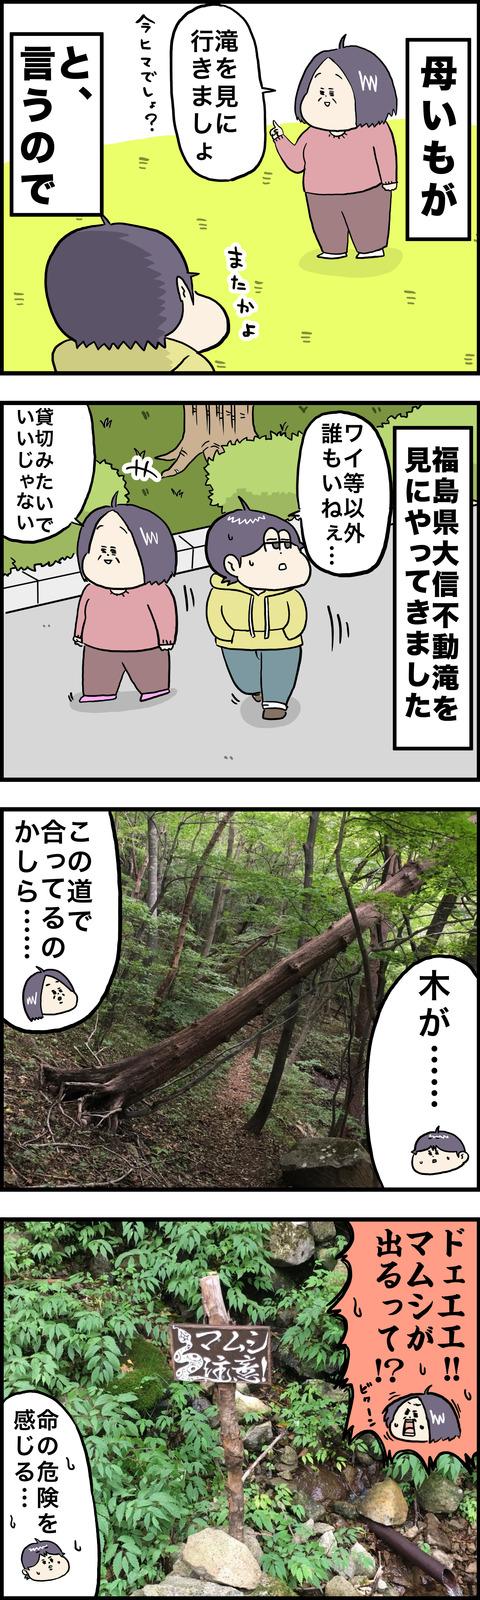 4コマ 大信不動滝